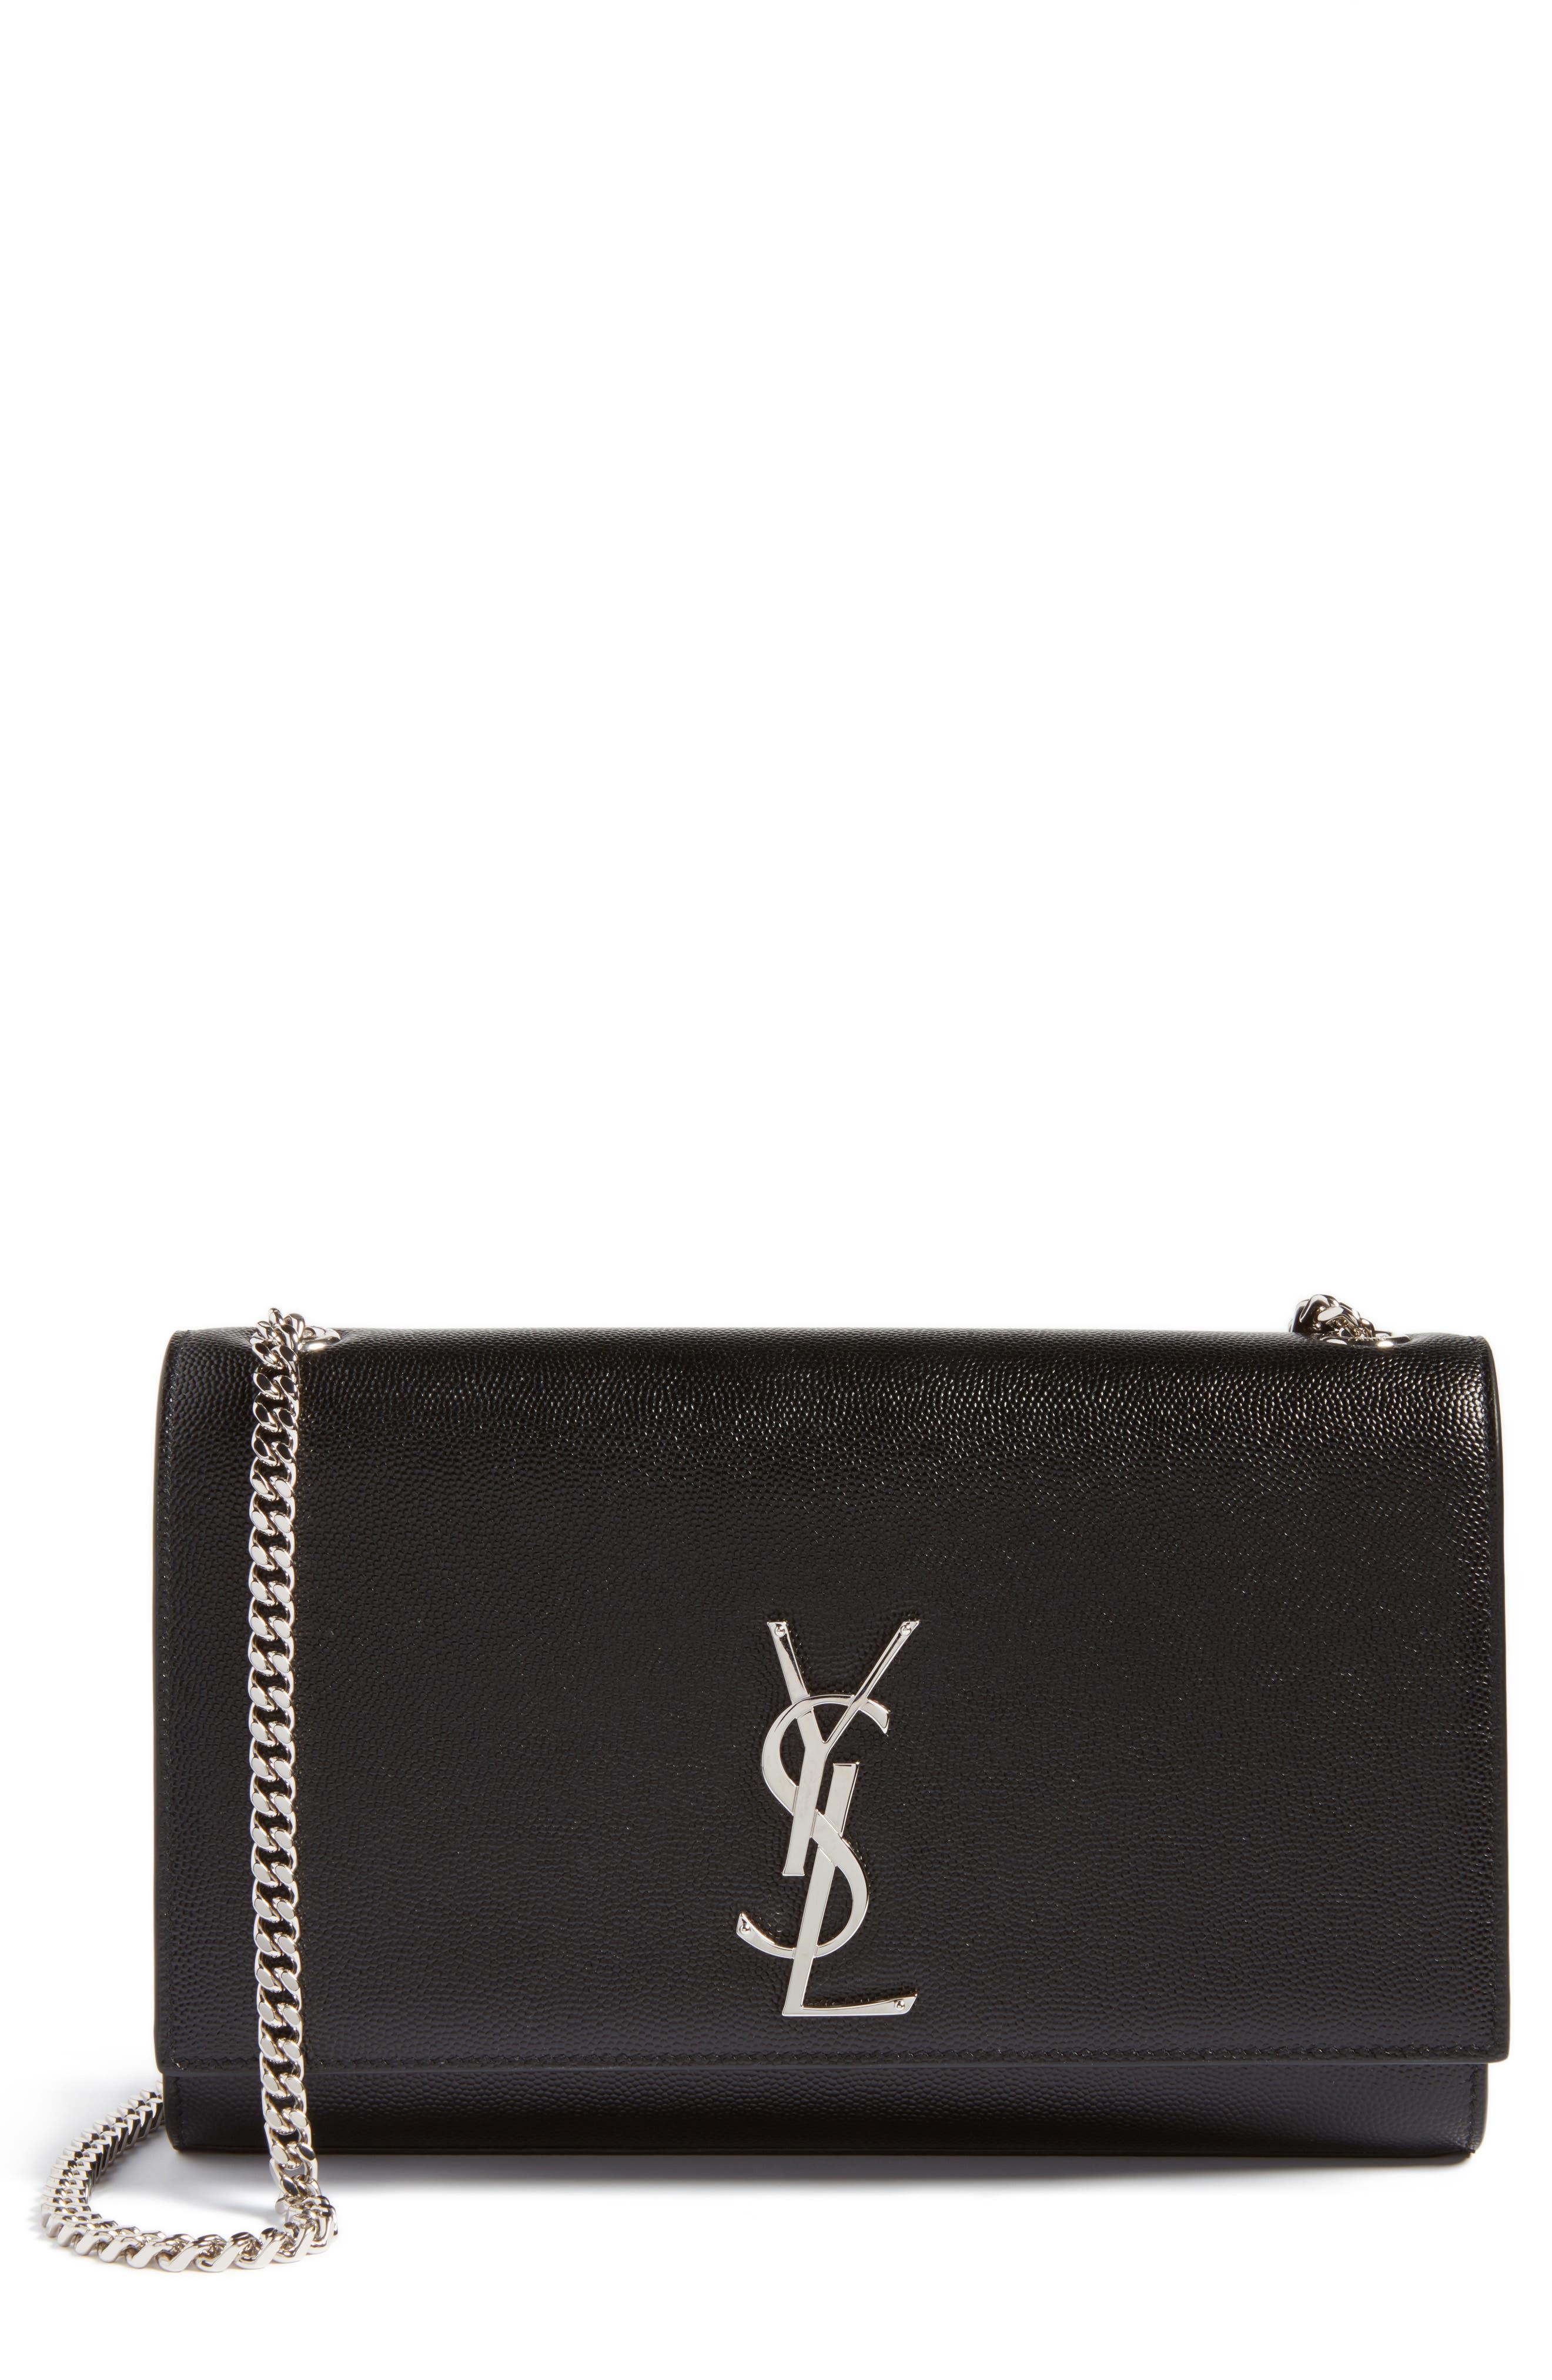 Medium Kate Calfskin Leather Shoulder Bag,                         Main,                         color, NERO